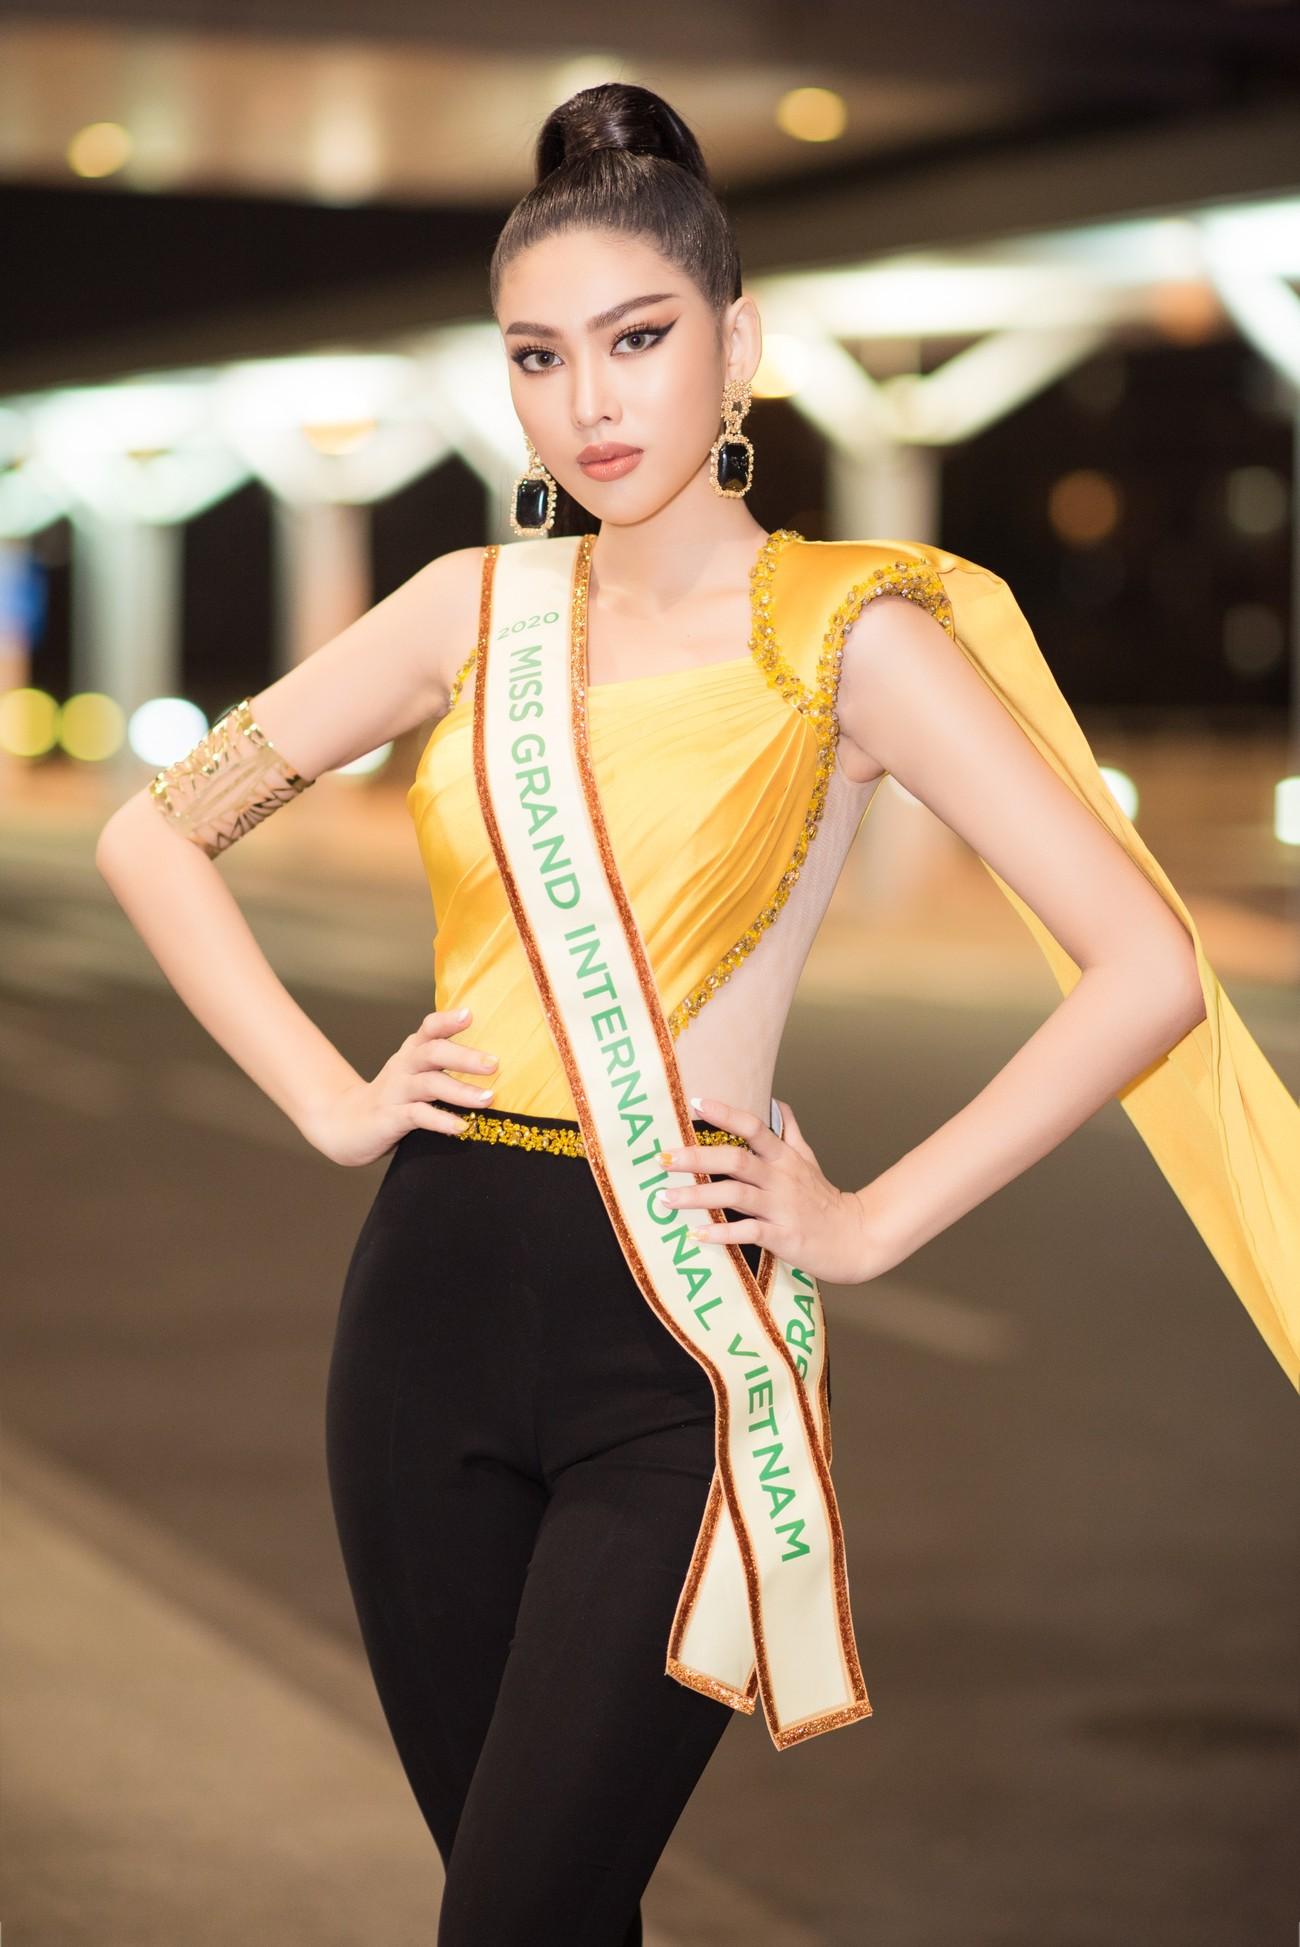 Mặc đồ bảo hộ bay sang Thái Lan thi Miss Grand, Á hậu Ngọc Thảo vẫn xinh đẹp rạng rỡ ảnh 5